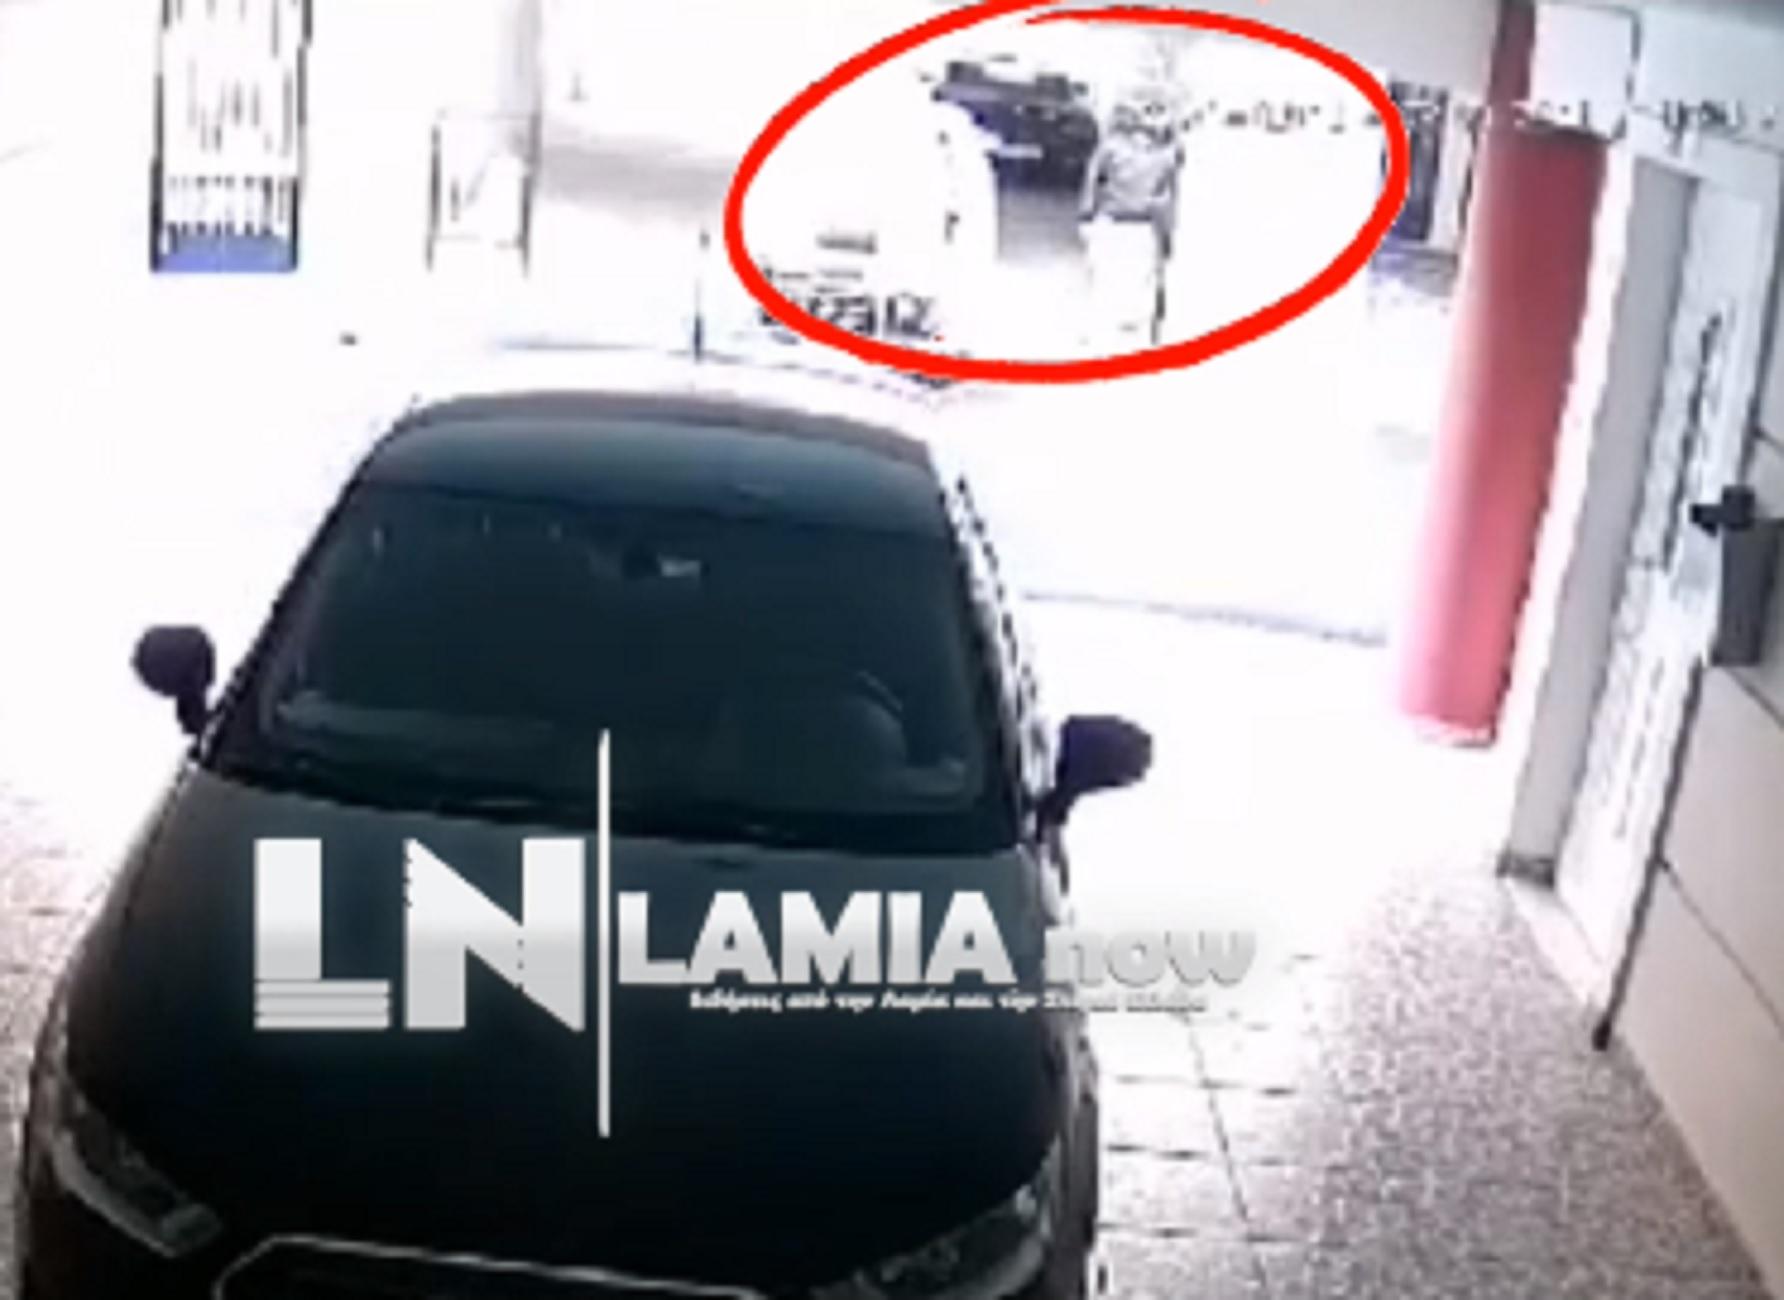 Λαμία: Βίντεο ντοκουμέντο με κλοπή την ώρα που έβαζαν πετρέλαιο σε πολυκατοικία – Η κάμερα έπιασε τα πάντα